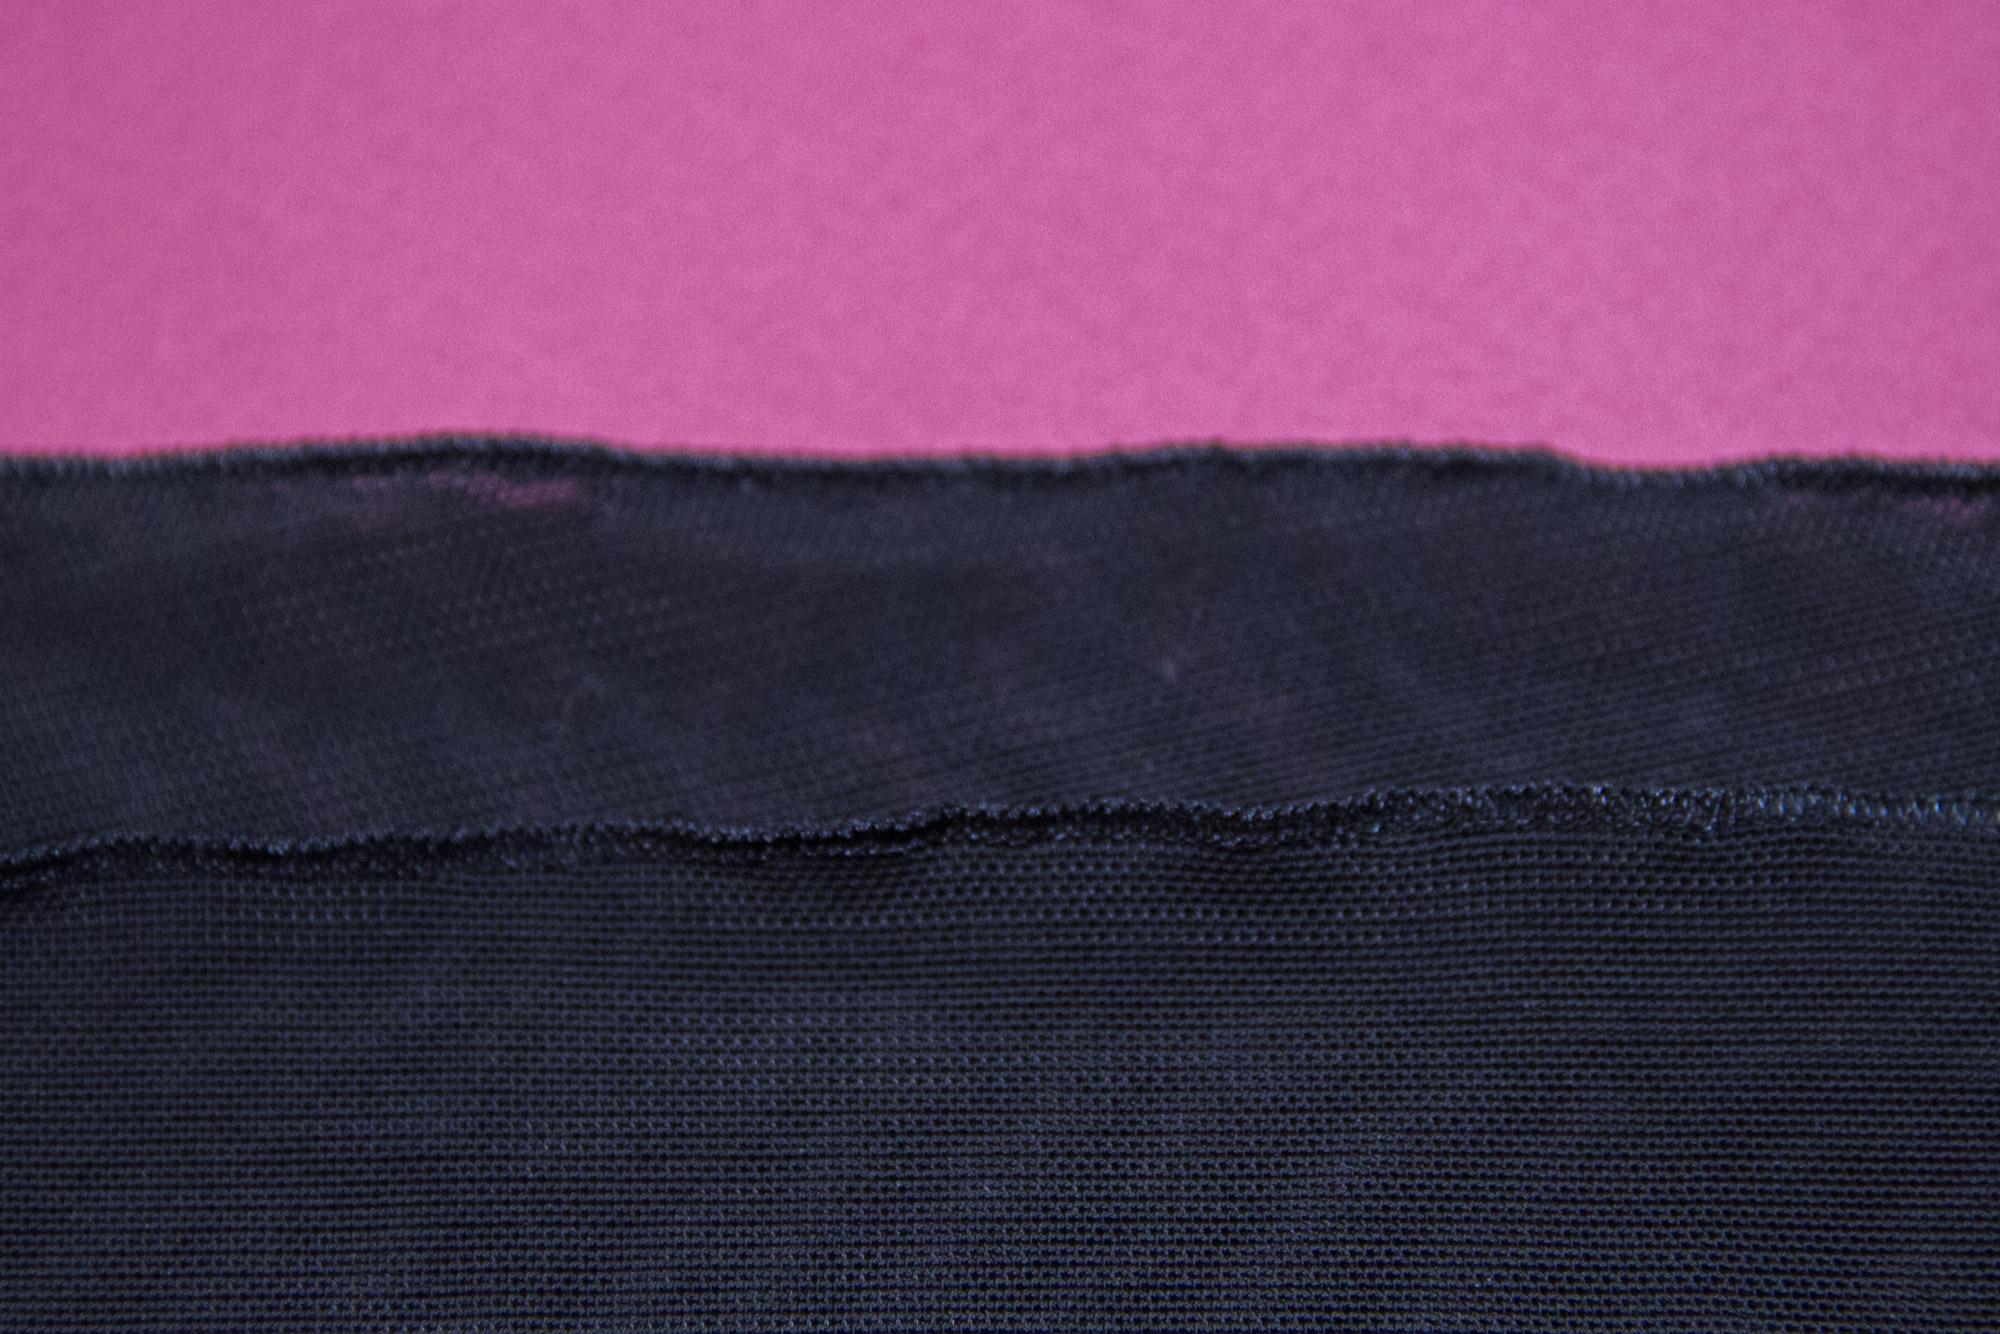 Обзор колготок, чулок и чокера Yulia Chulkova в журнале о нижнем белье Garterblog.ru